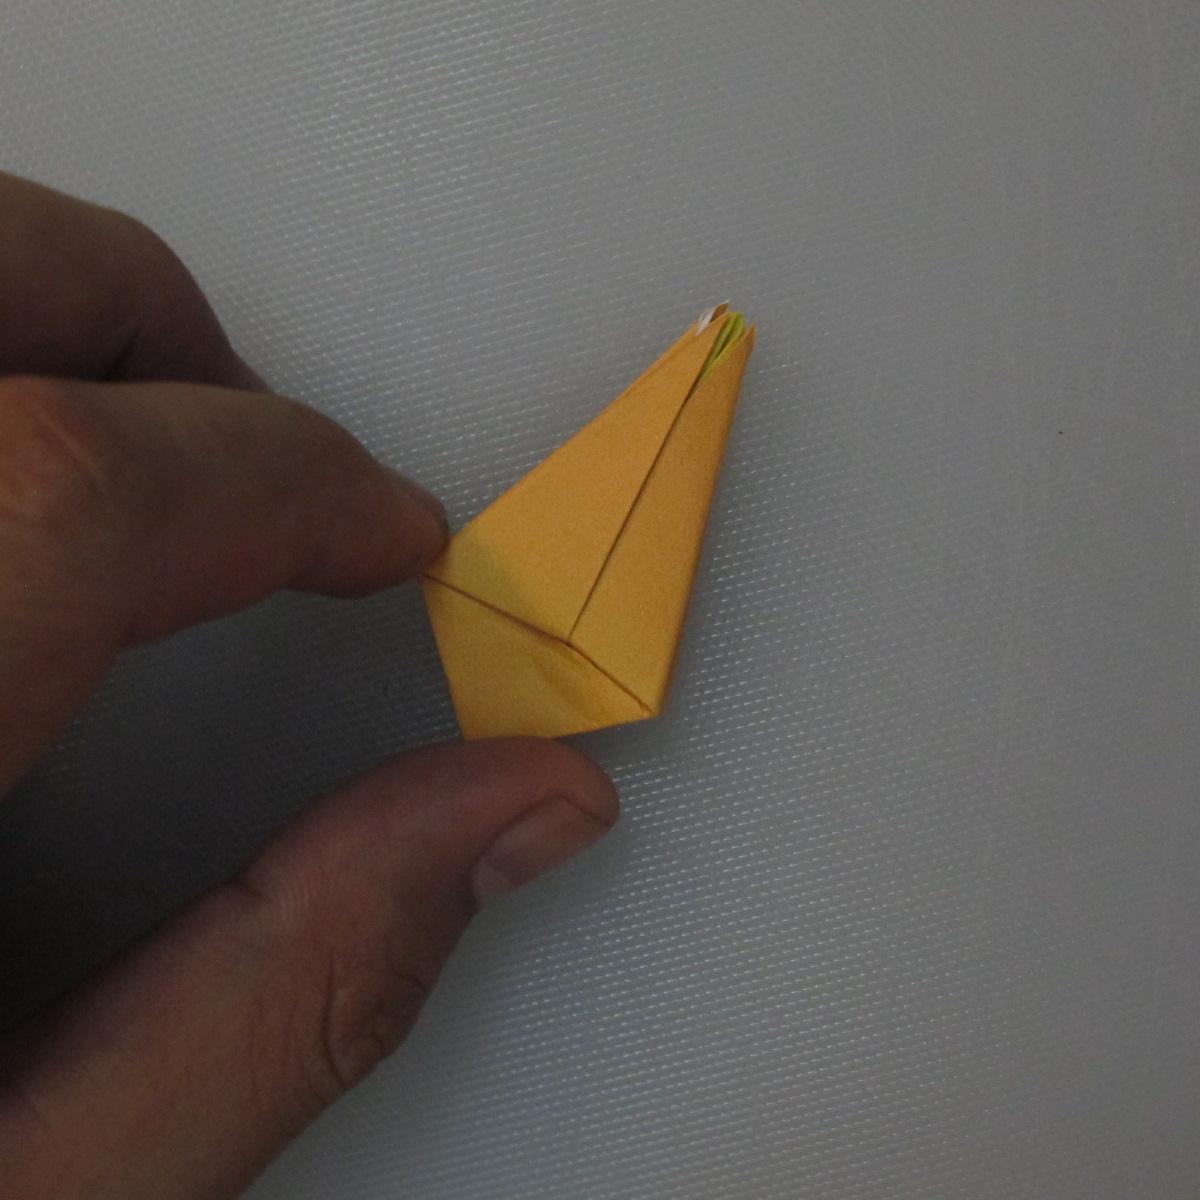 วิธีพับกระดาษเป็นดอกทิวลิป 014